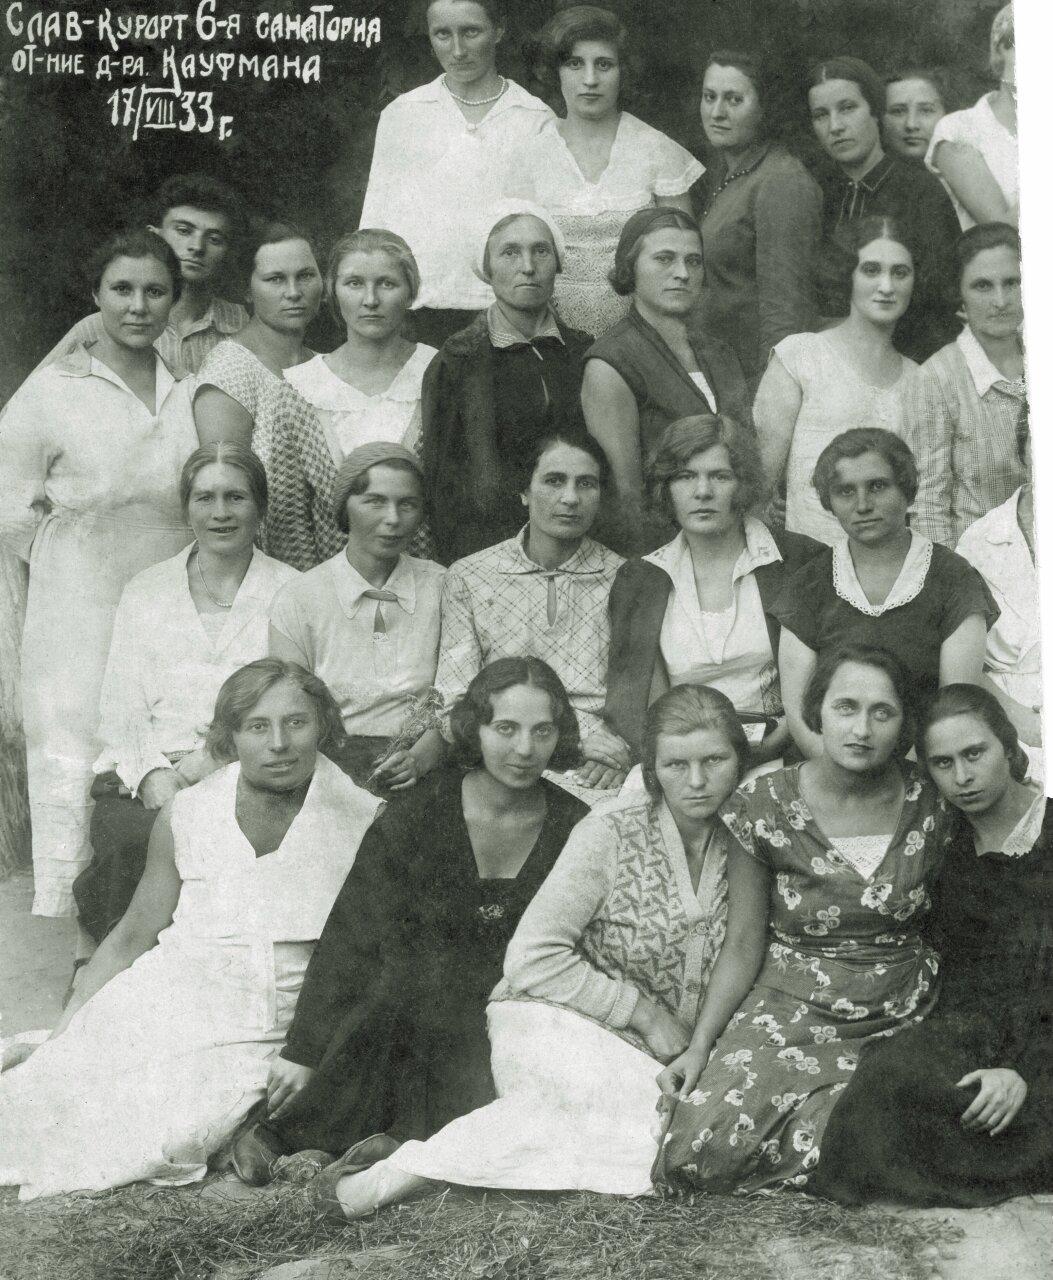 1933. Курорт  6 санатория отделения доктора Кауфмана